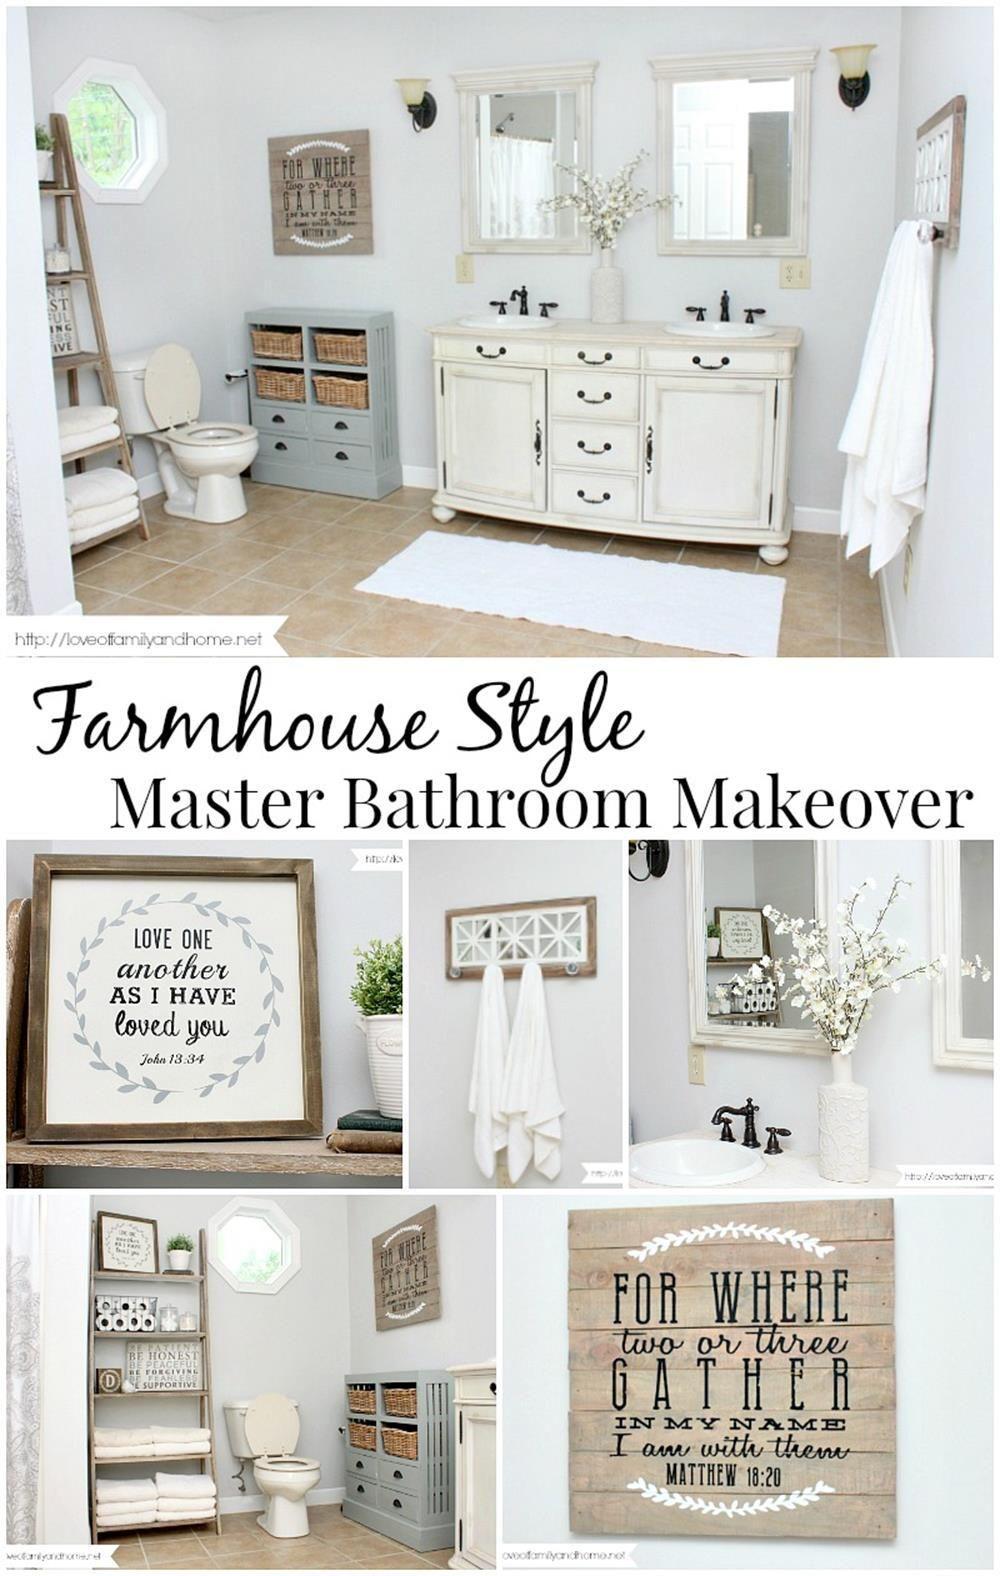 26 Charming Farmhouse Bathroom Accessories Ideas